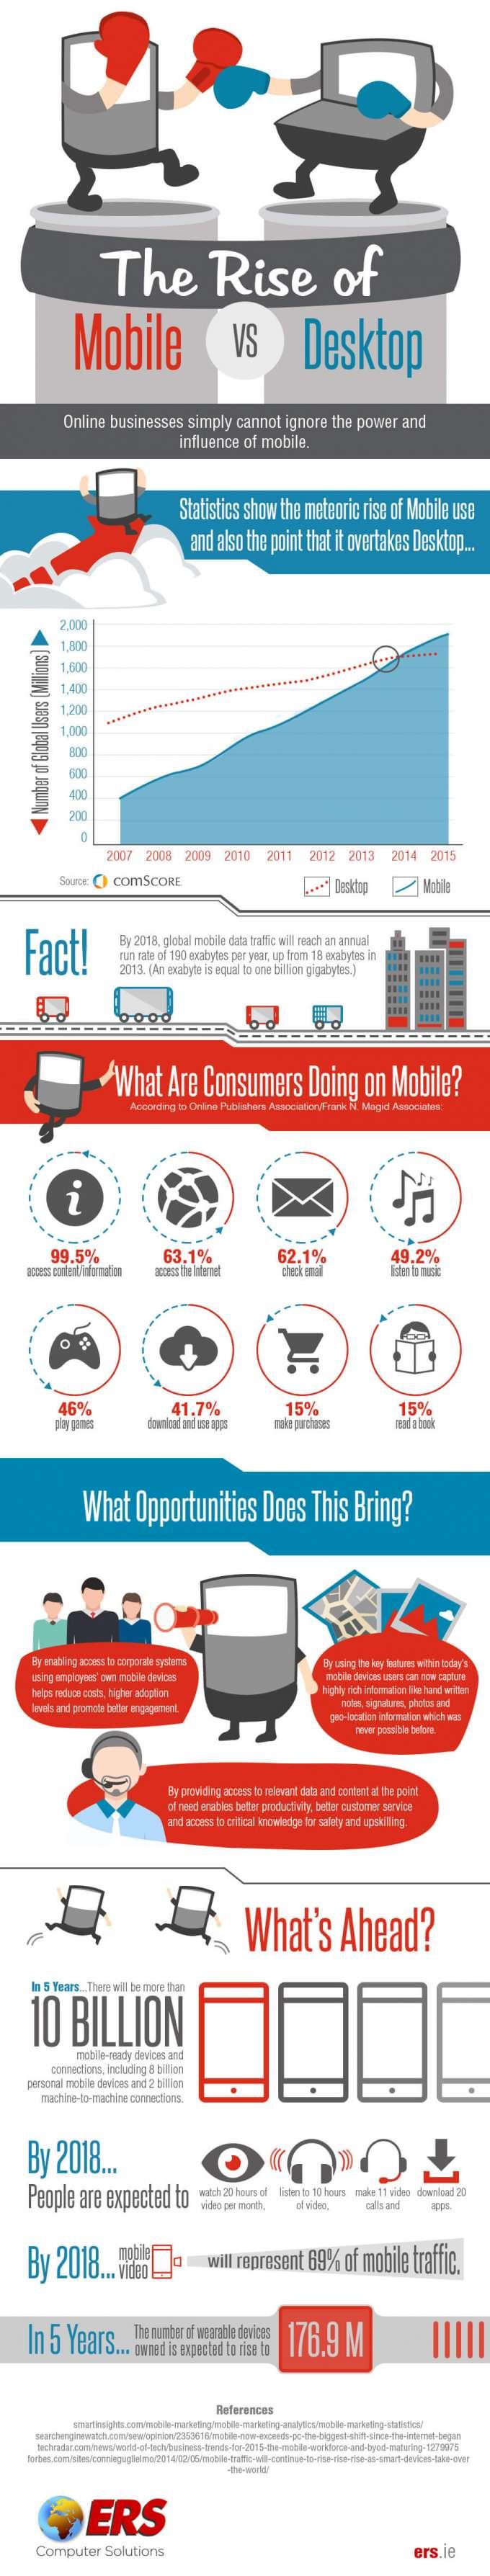 Mobile vs. Desktop